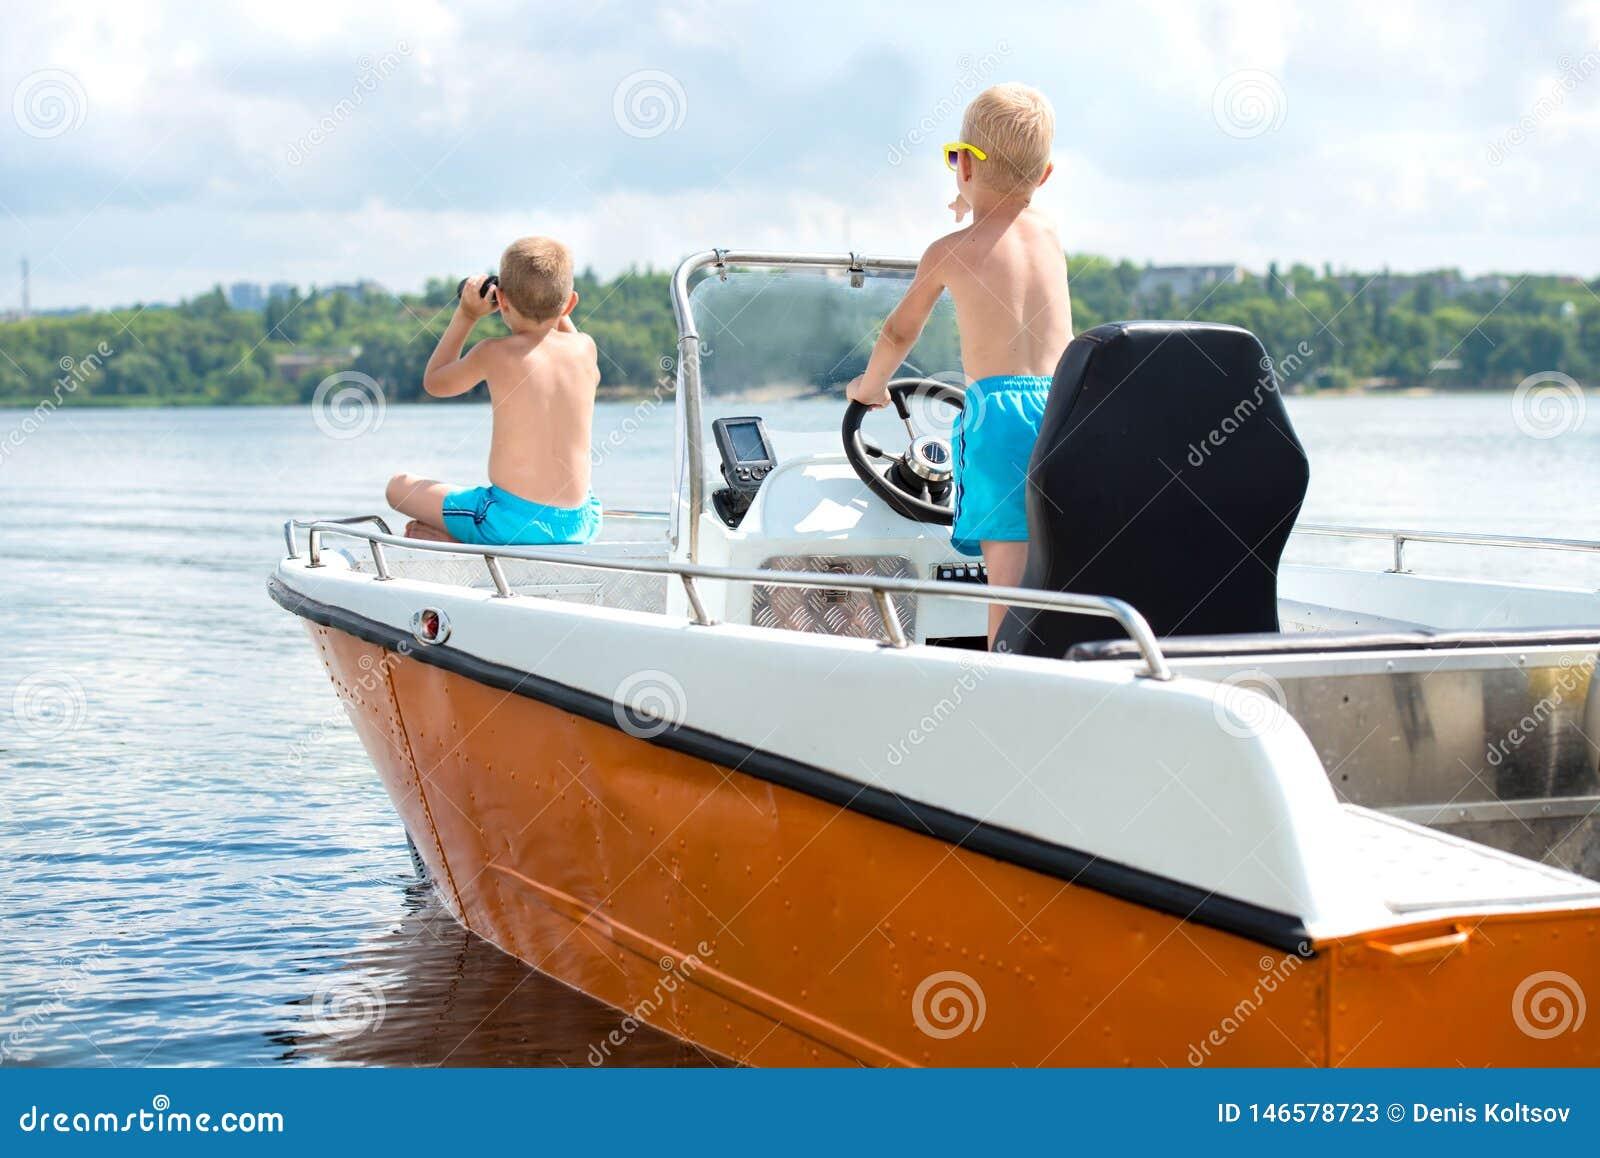 Dois irm?os nadam em um barco de motor no lago